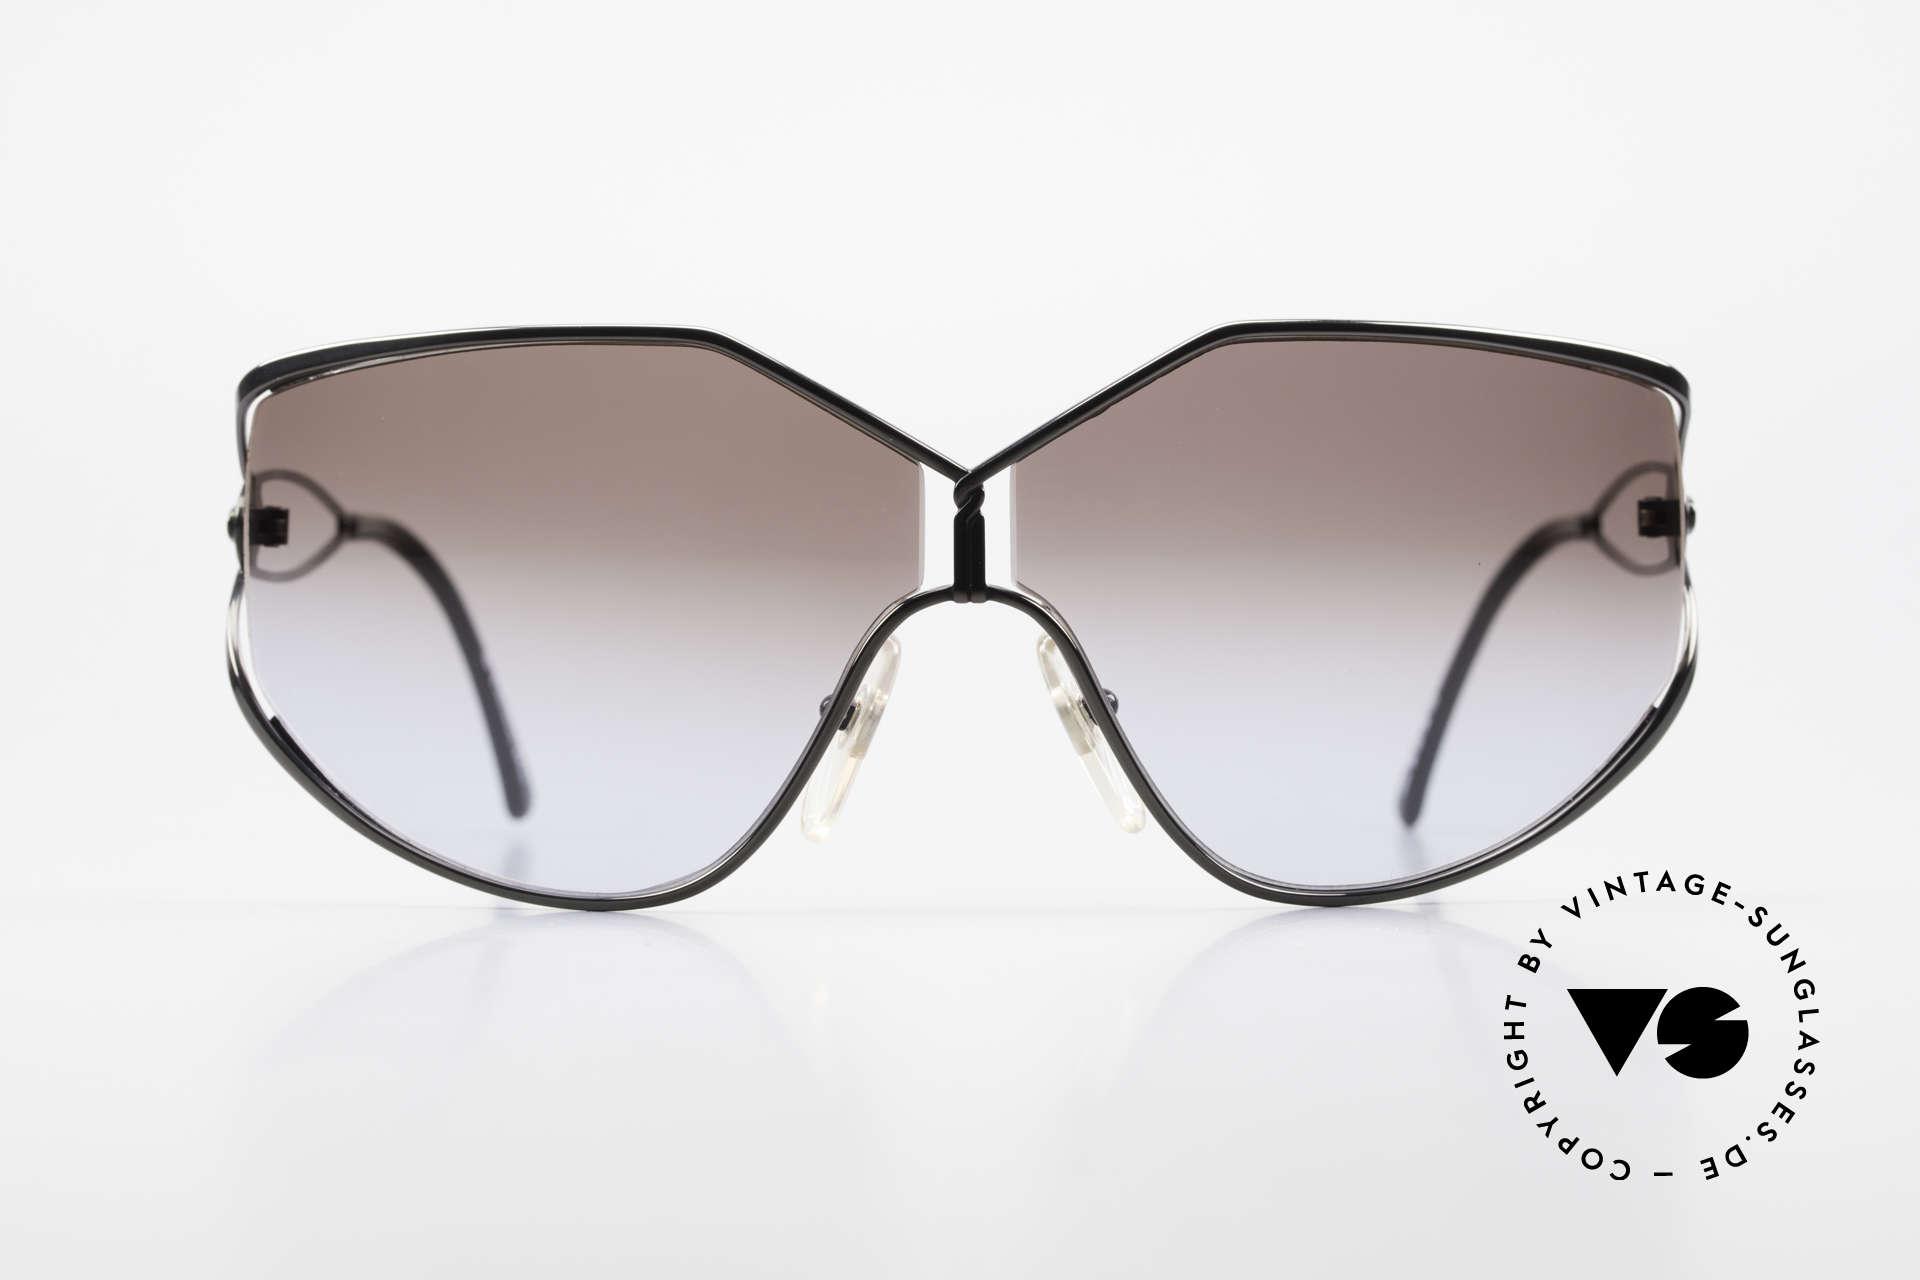 Christian Dior 2345 Damen Designersonnenbrille, klassisch, weibliches Design mit großen Gläsern, Passend für Damen